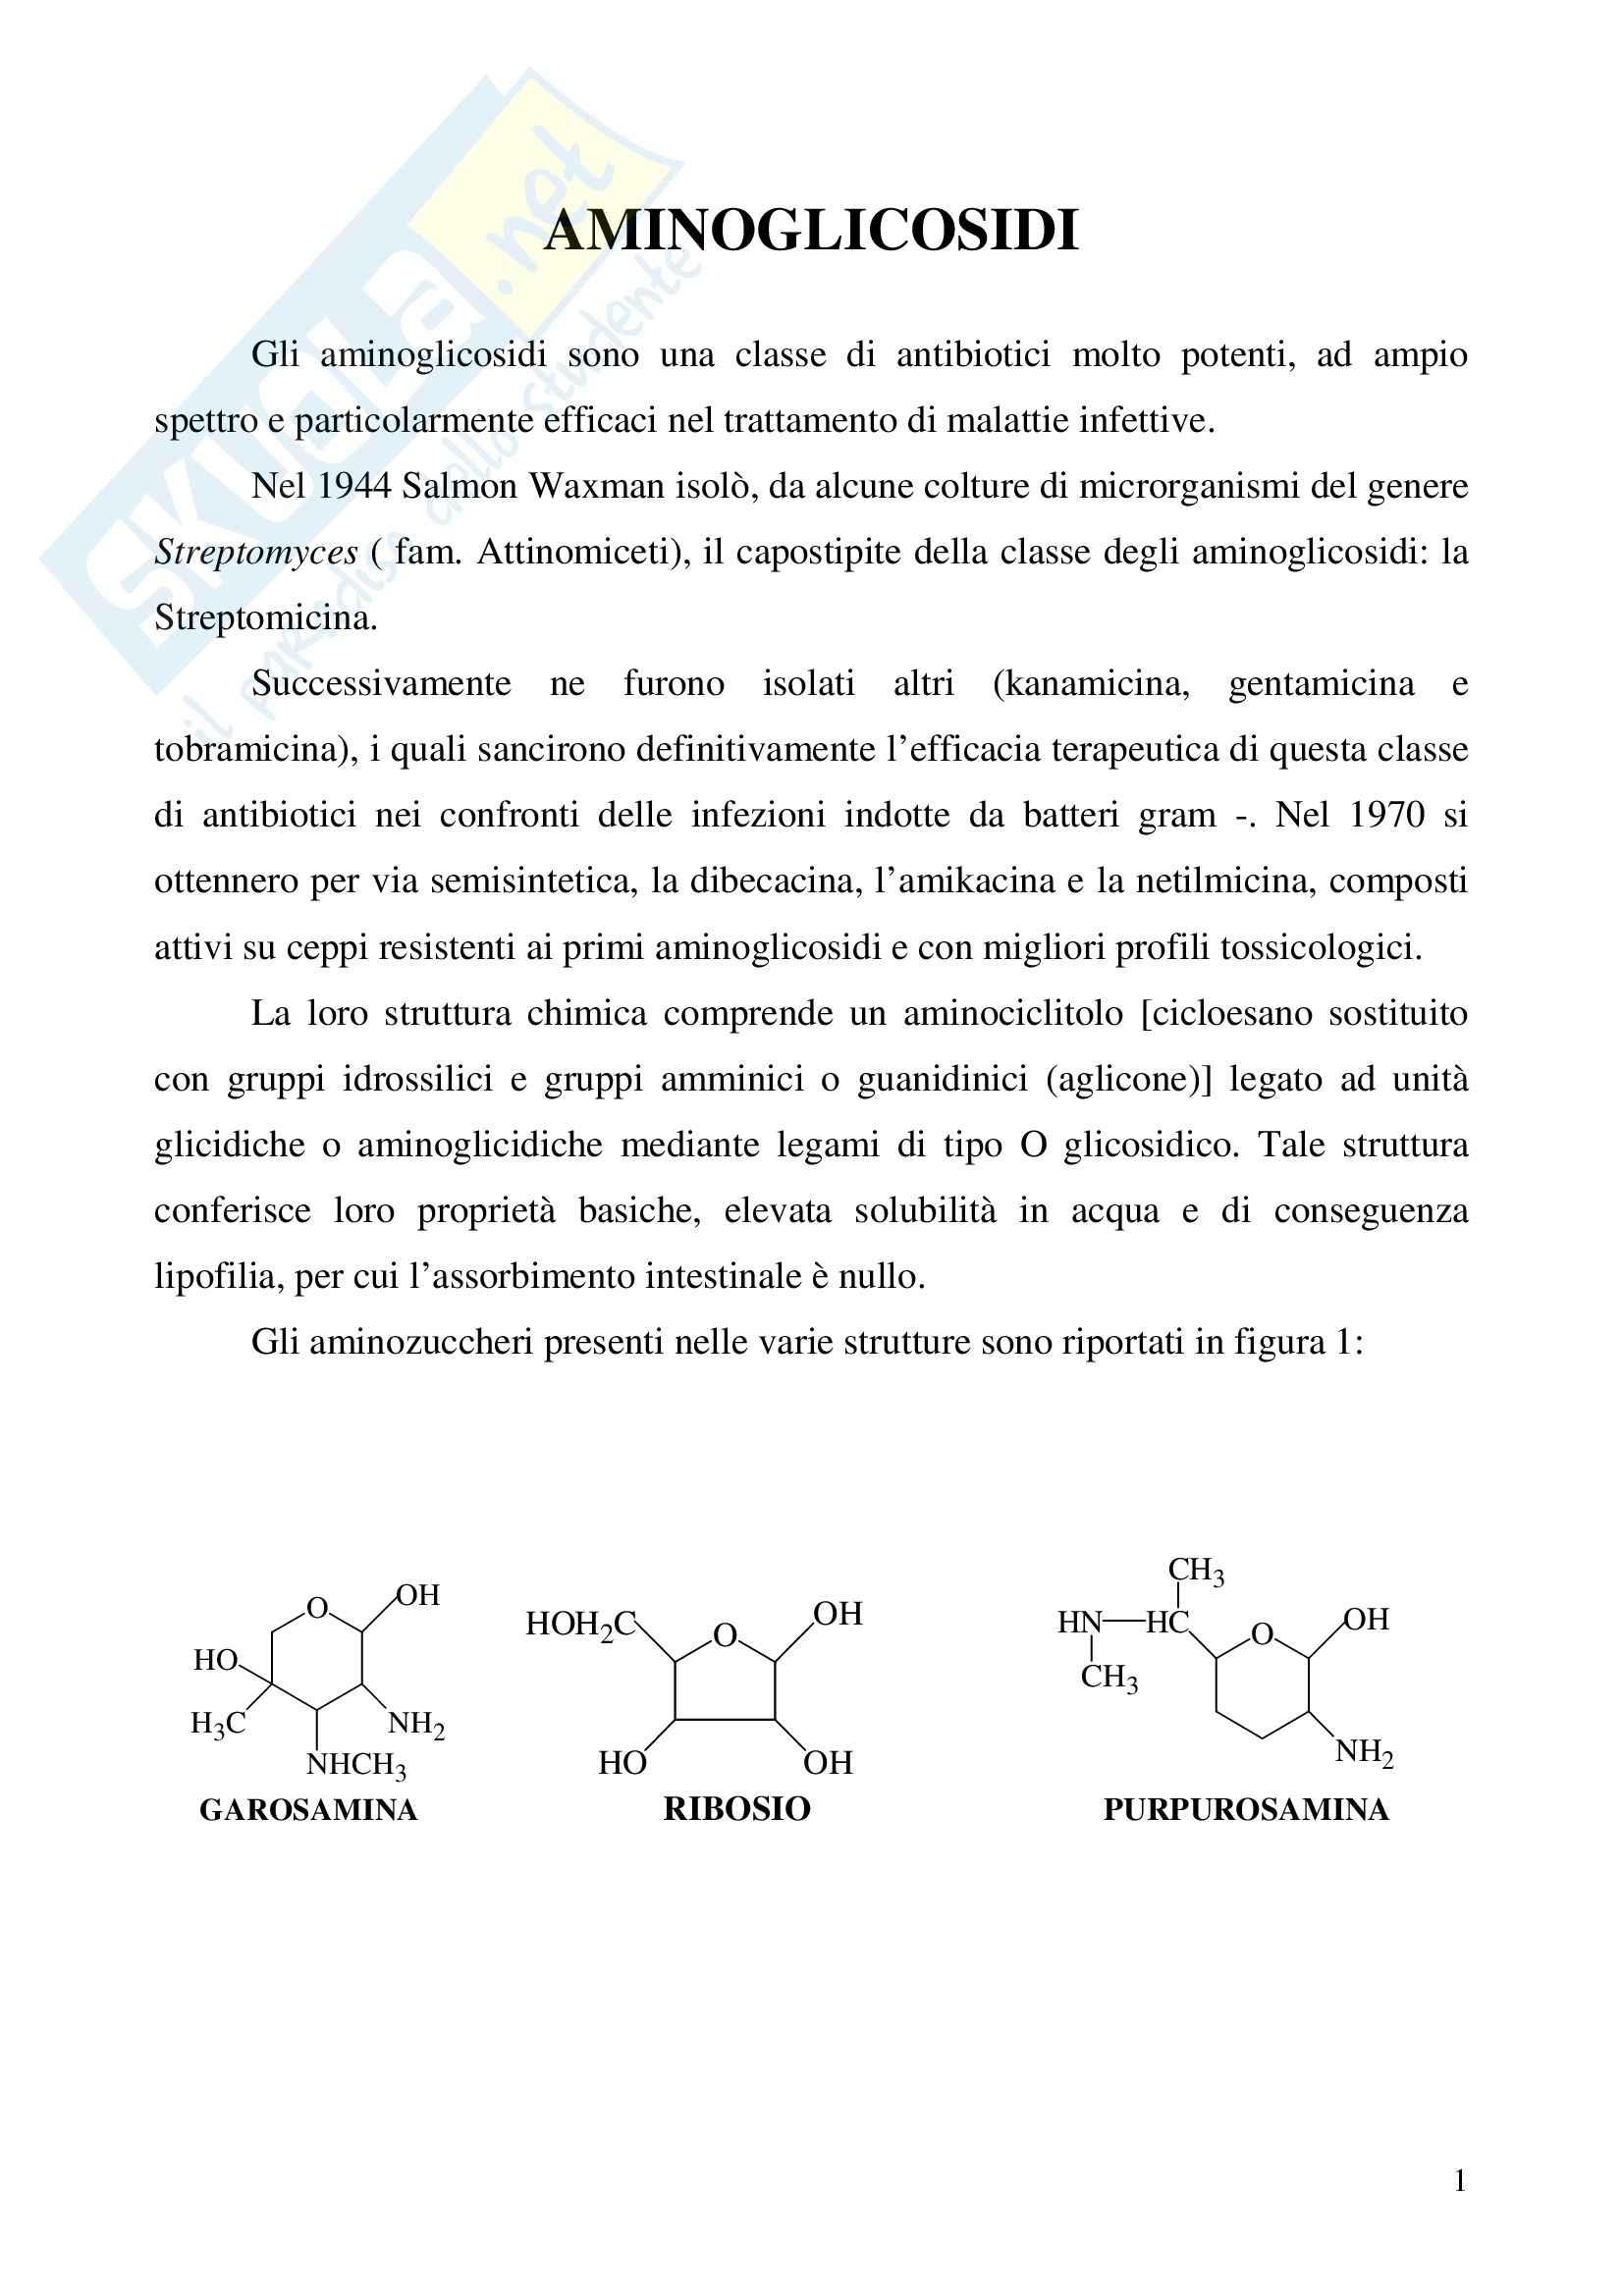 Farmacologia generale - aminoglicosidi